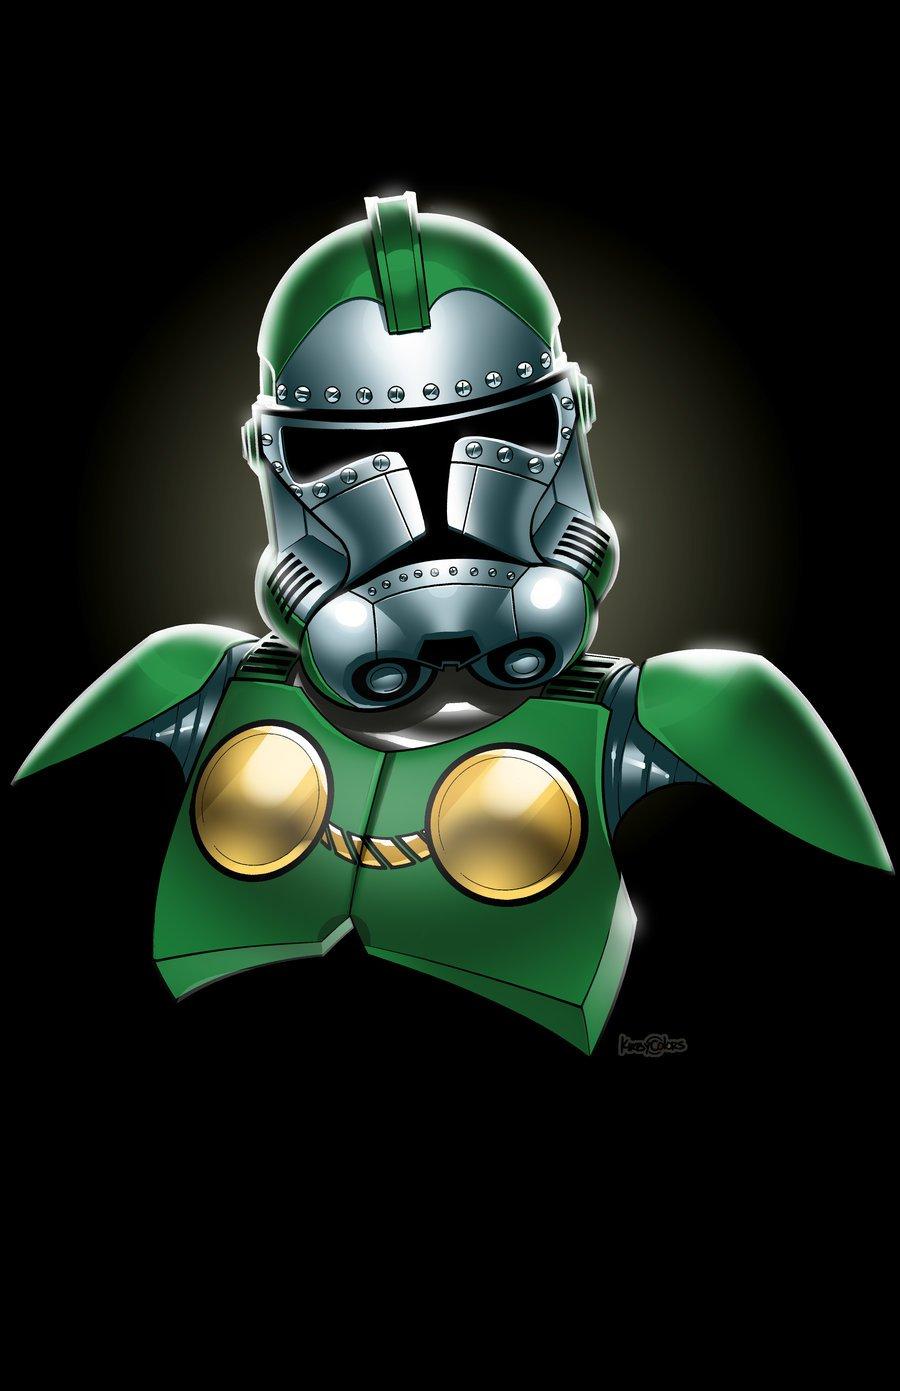 doom-super-herois-uniforme-Stormtroopers